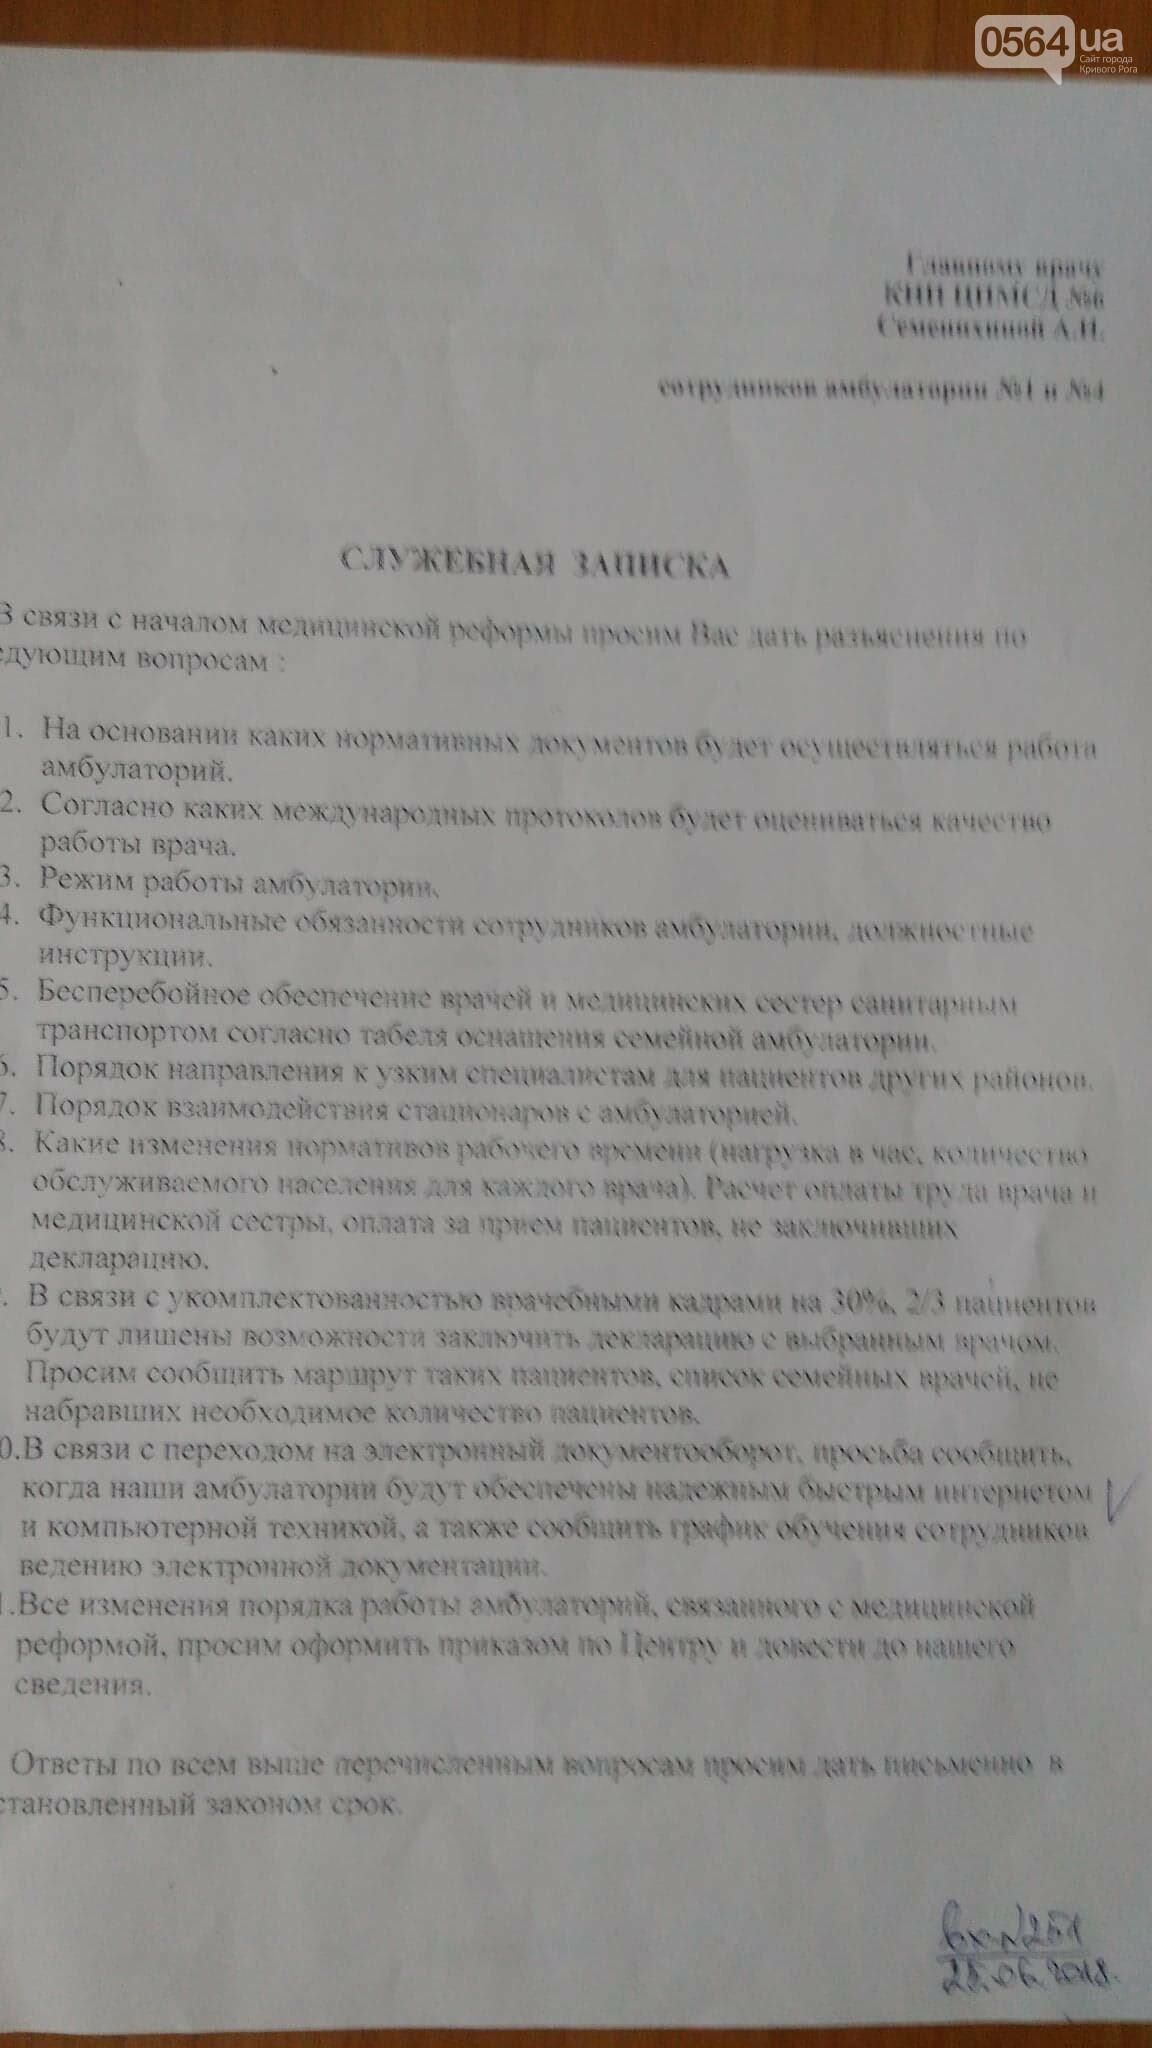 Ожидание и реальность: какие зарплаты получили врачи криворожской «первички», - ФОТО , фото-1